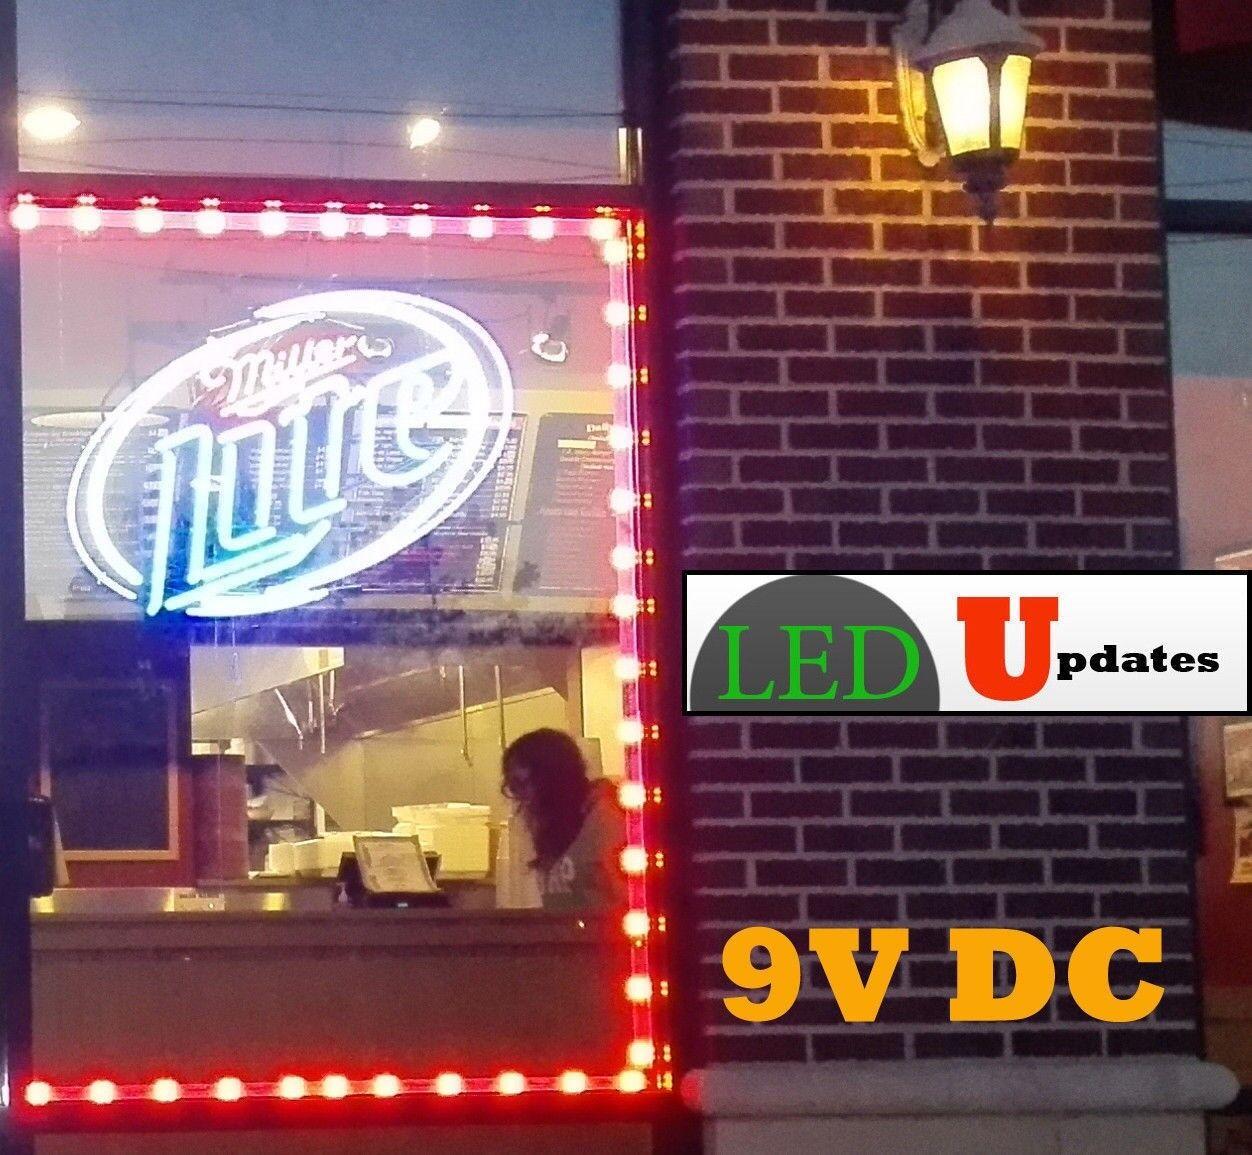 9V rot Storefront LED LIGHT retail Bar Counter 40ft + UL Listed 9v 45W Power